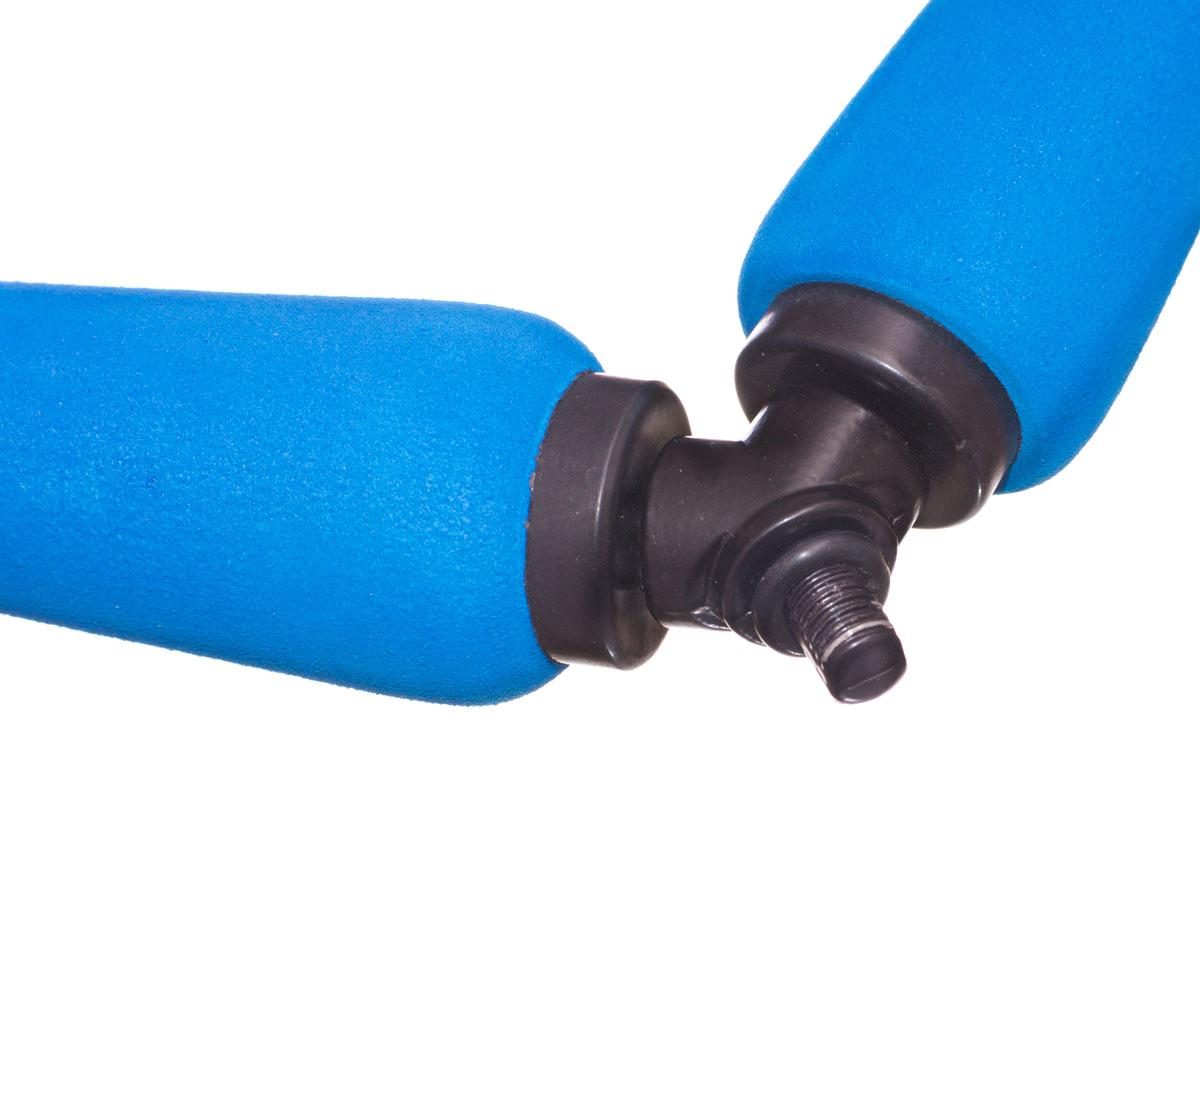 Ролик для ручки подсака Flagman Y-образный, EVA